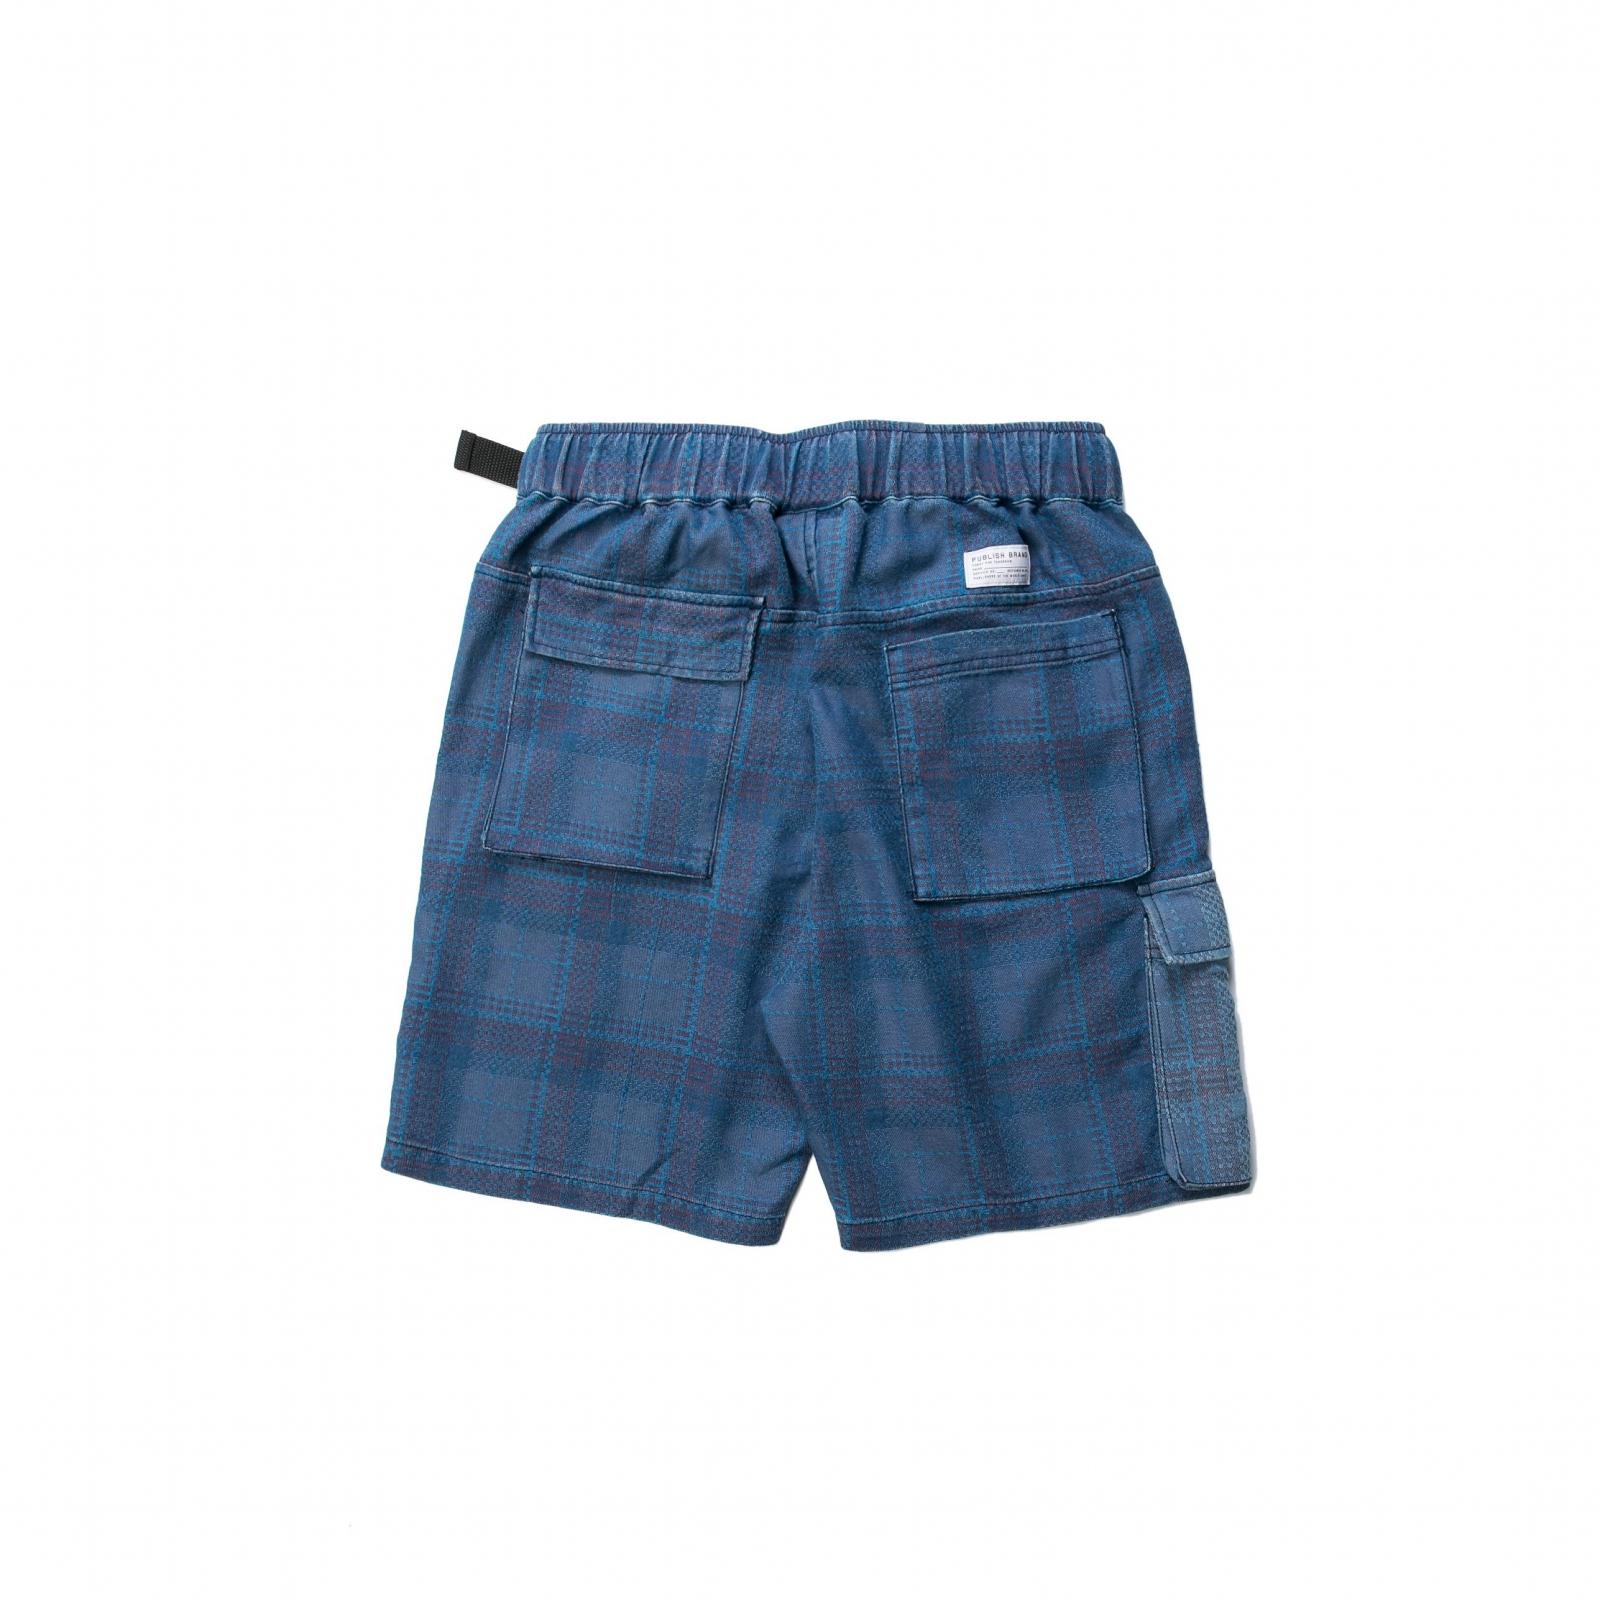 【PUBLISH BRAND/パブリッシュブランド】WESTIN ショートパンツ / BLUE